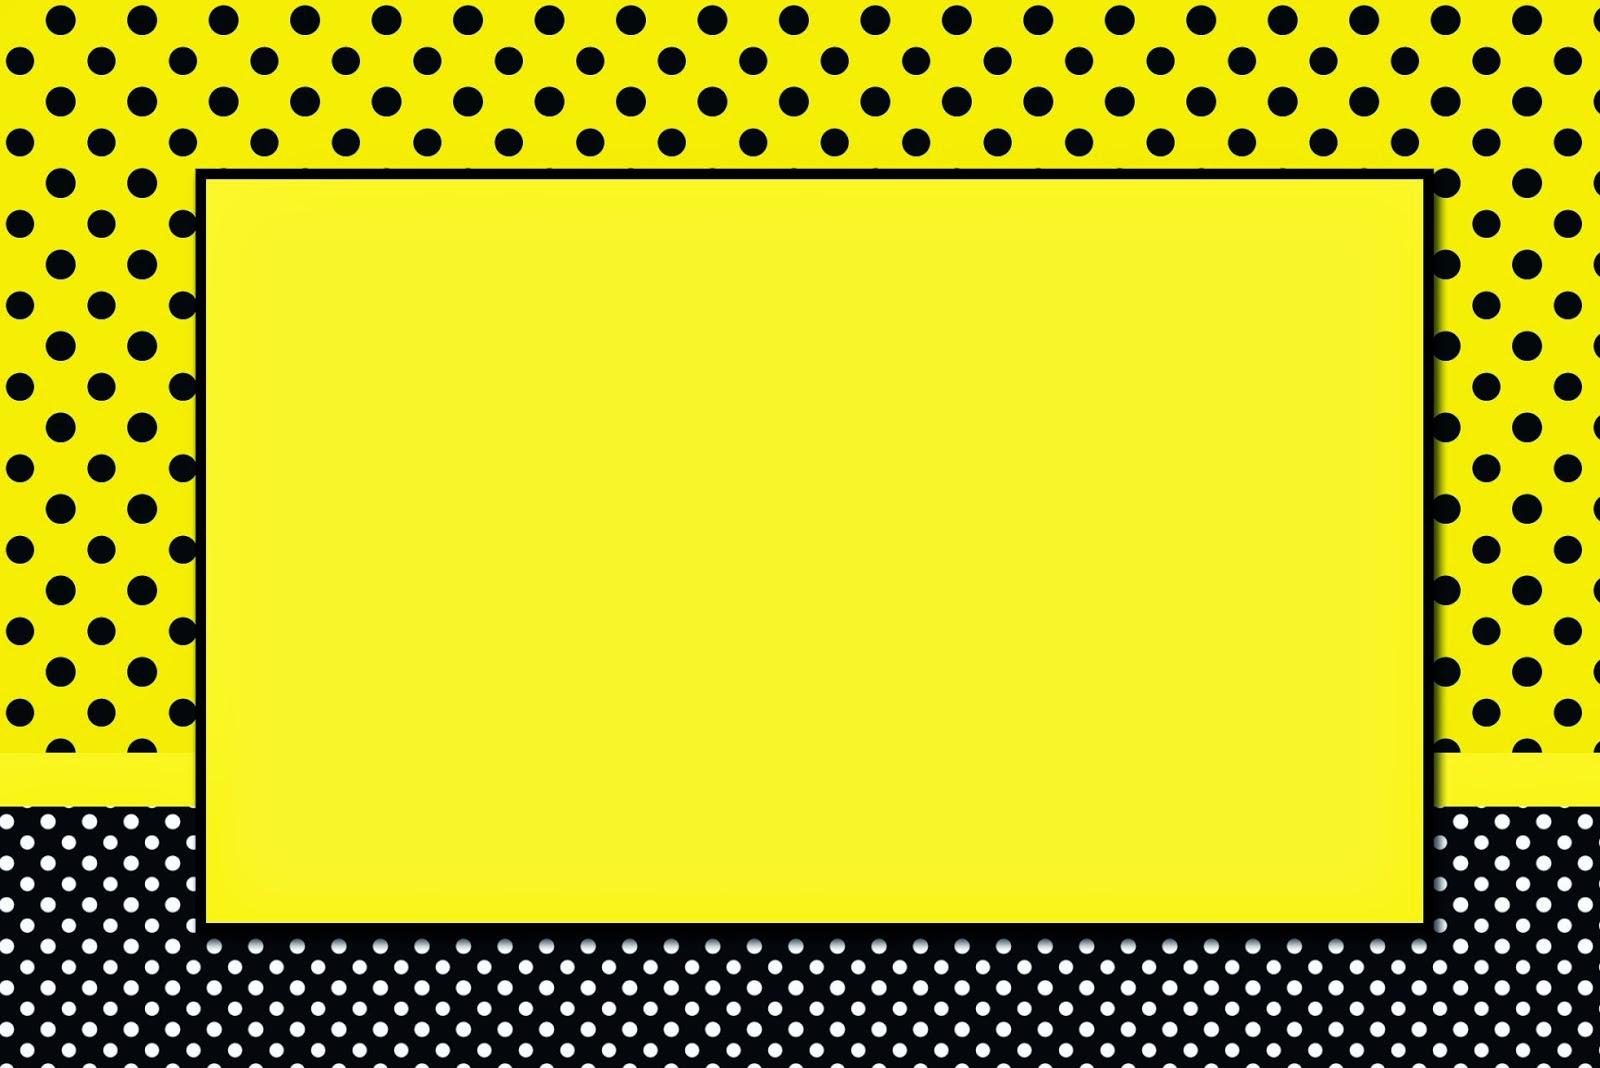 Para hacer invitaciones, tarjetas, marcos de fotos o etiquetas, para imprimir gratis de Amarillo con Lunares Negros.